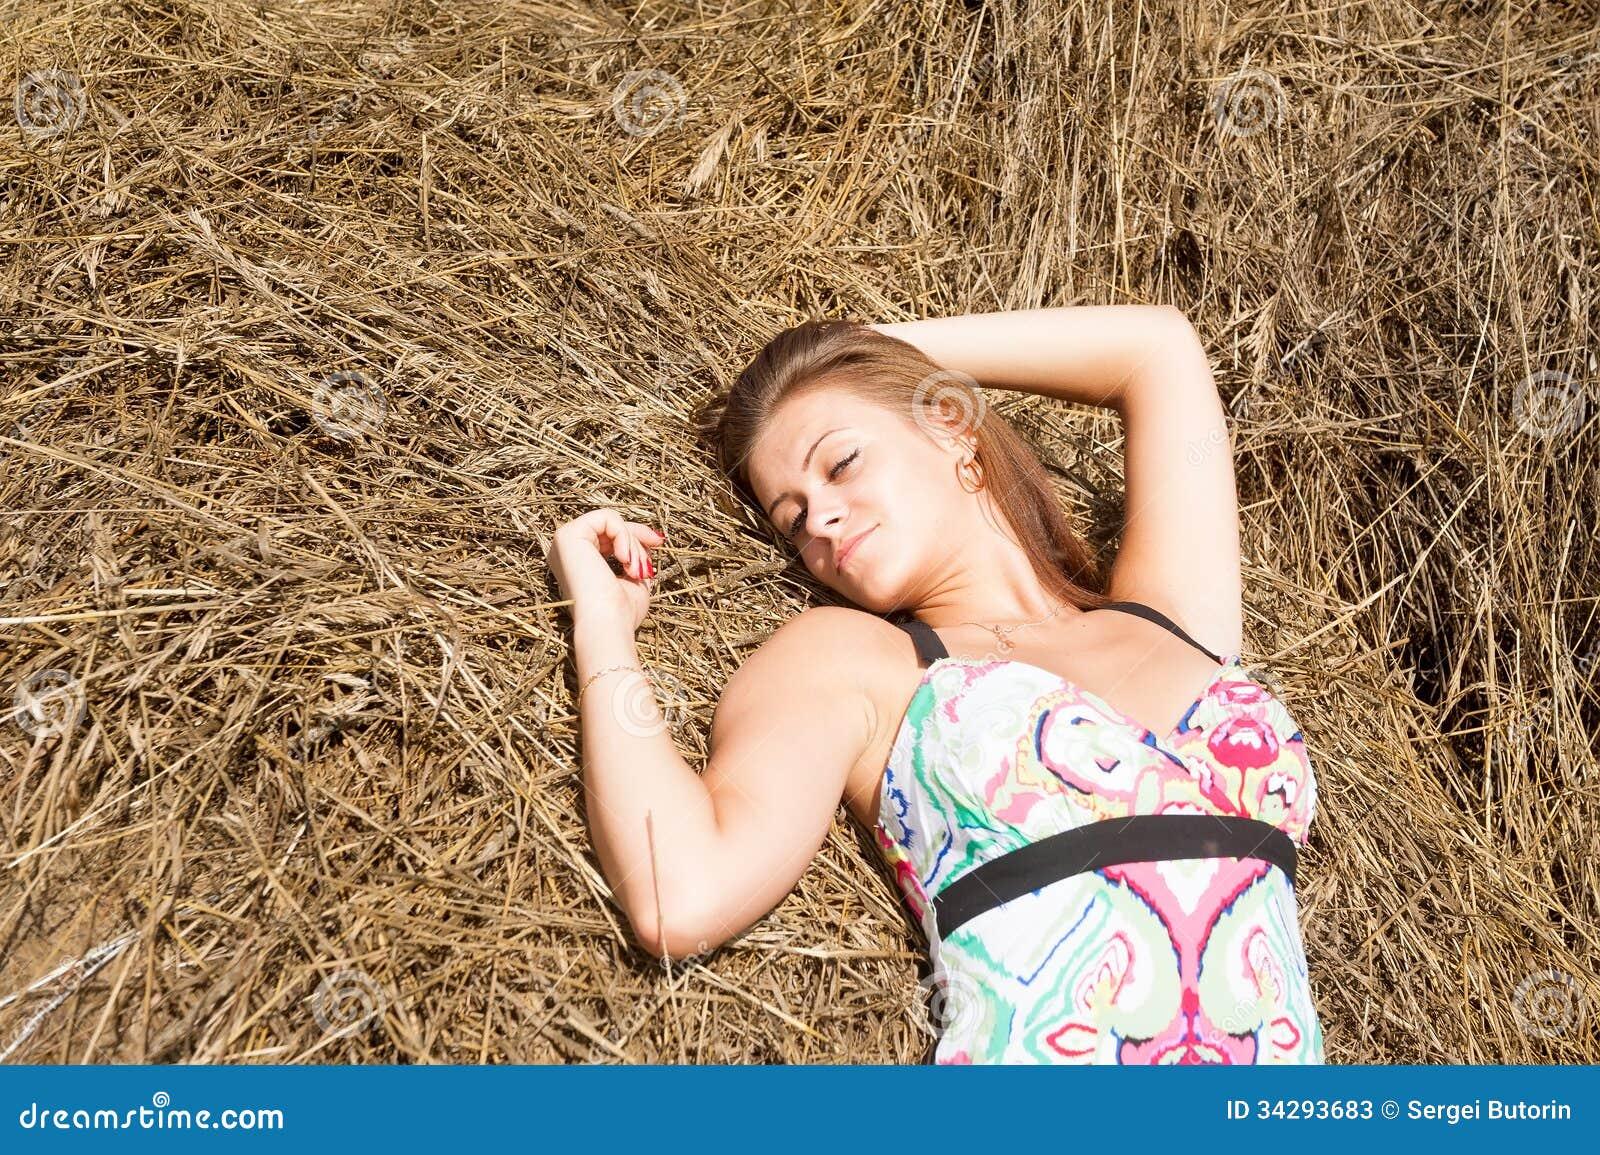 фото картинки женщина на сене